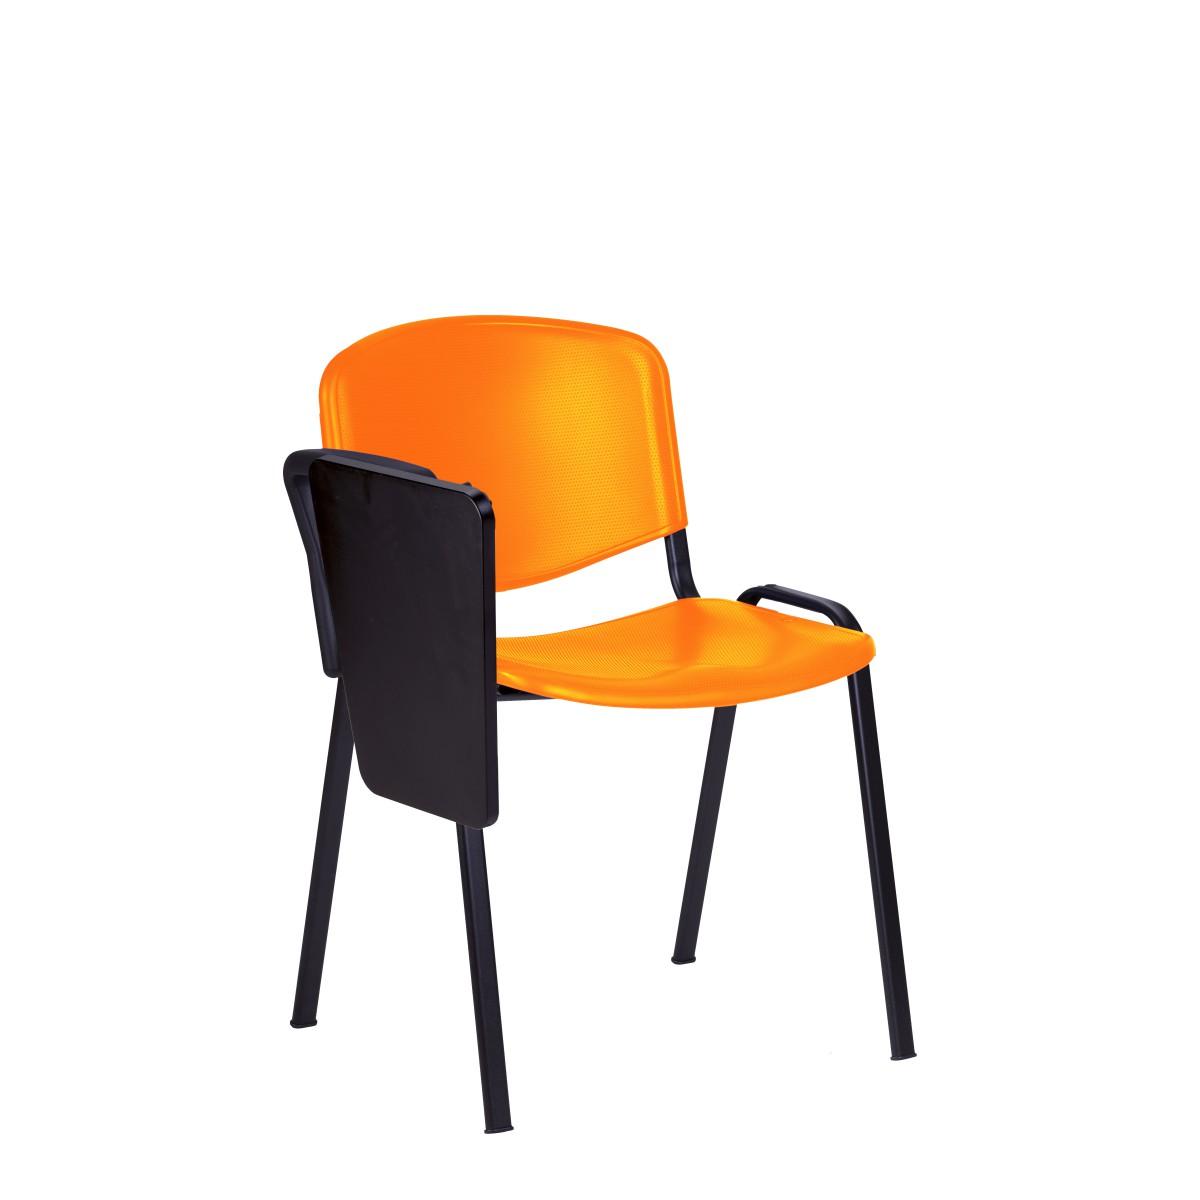 Seduta Forum Plast C